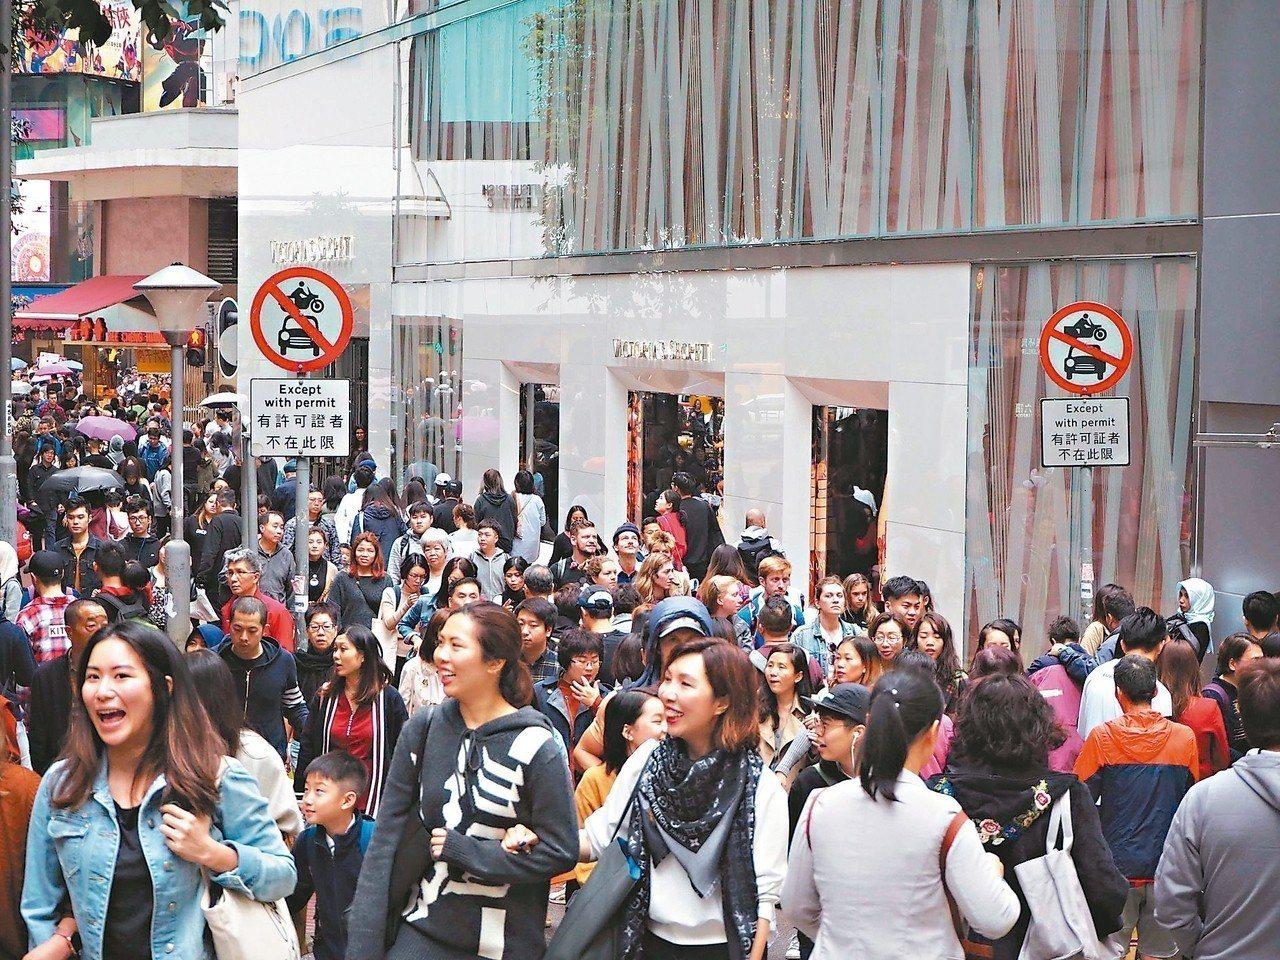 港人對中國人身分認同 創四年以來新低。圖為銅鑼灣繁華商圈熙熙攘攘的人群。 (中通...